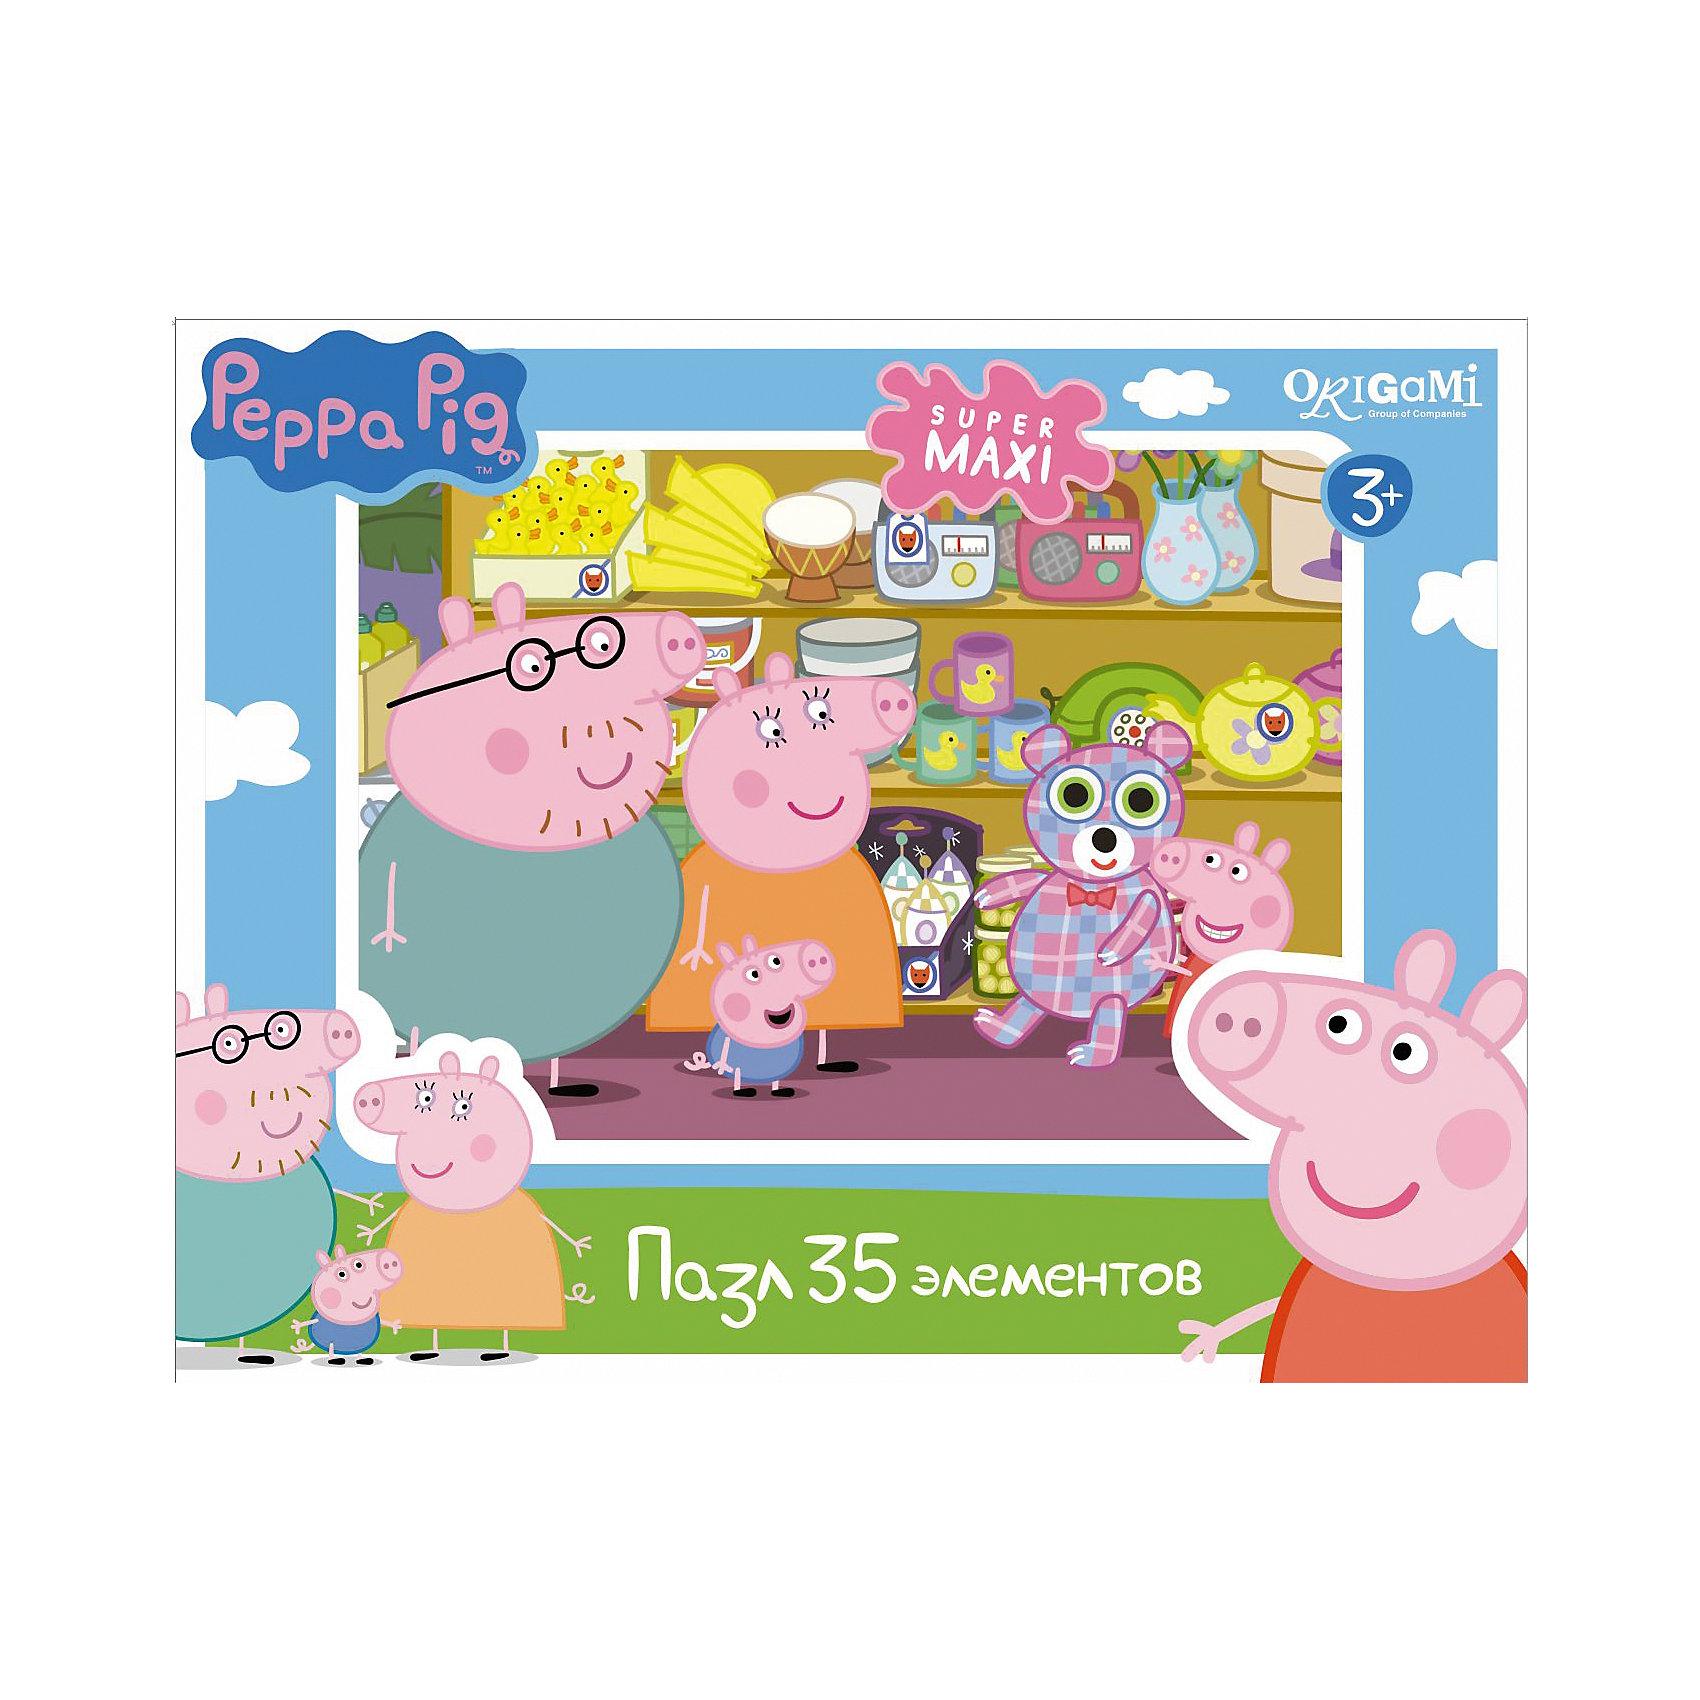 Пазл Магазин игрушек, 35 деталей, Свинка Пеппа, OrigamiСвинка Пеппа<br>Пазл Магазин игрушек, Свинка Пеппа, Origami - увлекательный набор для творчества, который заинтересует Вашего малыша и подарит ему отличное настроение. Из деталей пазла он сможет собрать красочную картинку с веселым сюжетом из популярного мультсериала Peppa Pig: семья свинок пришла в магазин игрушек, где Пеппа выбрала большого клетчатого медведя. Пазл отличается высоким качеством полиграфии и насыщенными цветами. Благодаря ламинированному покрытию картинка надолго сохраняет свой блеск и яркие цвета. Плотный картон не дает деталям мяться и обеспечивает надежное соединение. Собирание пазла способствует развитию логического и пространственного мышления, внимания, мелкой моторики и координации движений.<br><br>Дополнительная информация:<br><br>- Материал: картон. <br>- Количество деталей: 35.<br>- Размер собранной картинки: 33 х 47 см.<br>- Размер упаковки: 29 x 19 x 4 см.<br>- Вес: 226 гр.<br> <br>Пазл Магазин игрушек, 35 деталей, Свинка Пеппа, Origami, можно купить в нашем интернет-магазине.<br><br>Ширина мм: 230<br>Глубина мм: 50<br>Высота мм: 180<br>Вес г: 226<br>Возраст от месяцев: 36<br>Возраст до месяцев: 96<br>Пол: Унисекс<br>Возраст: Детский<br>SKU: 4614938